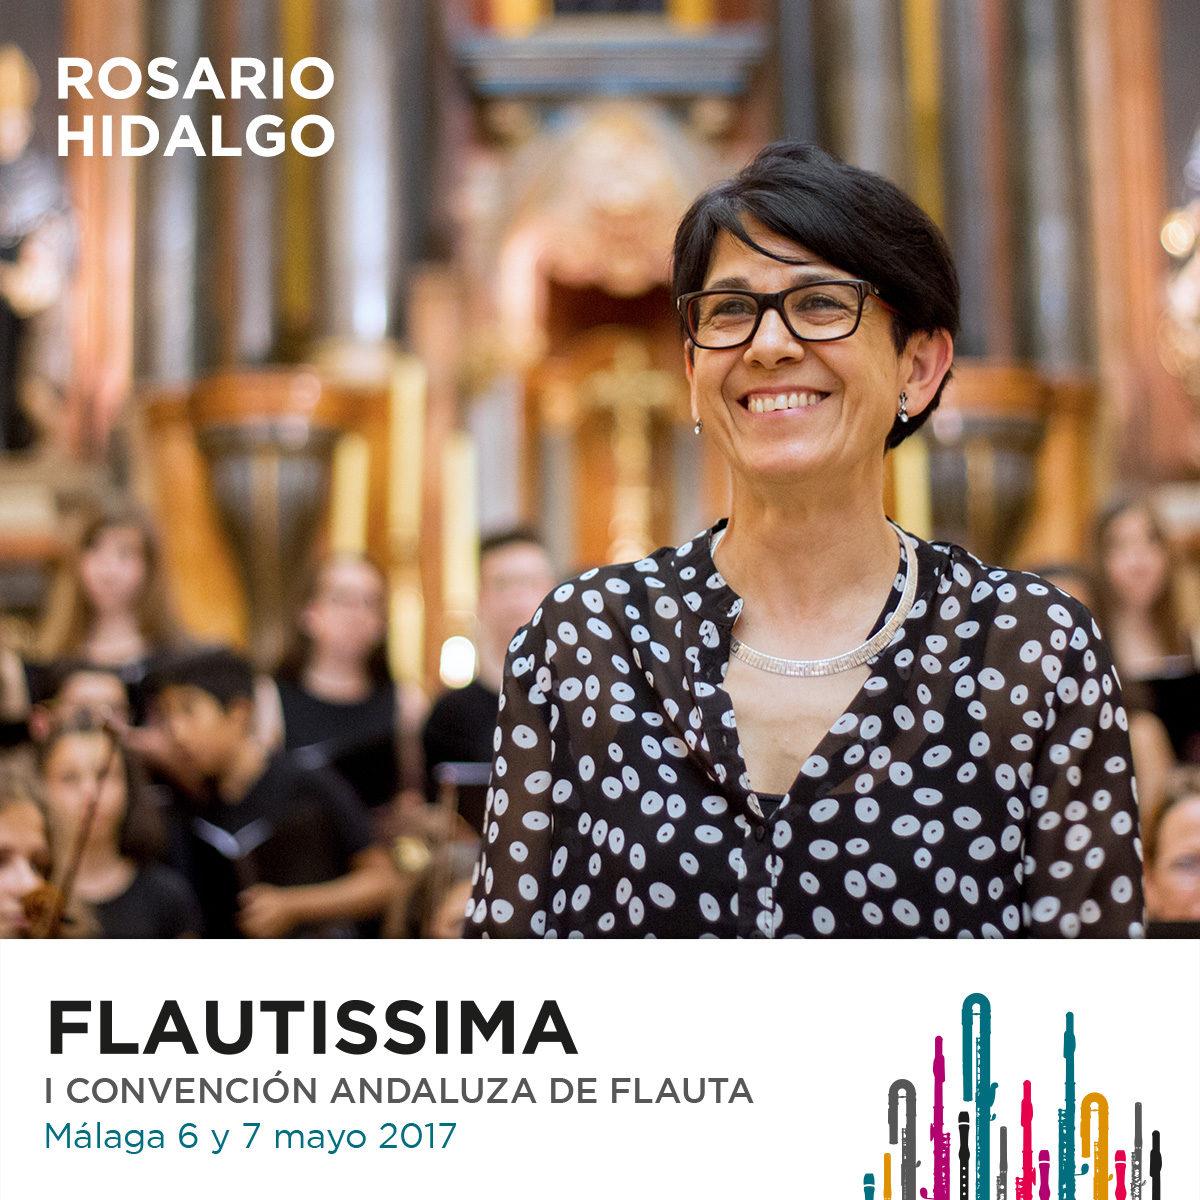 Rosario Hidalgo López Flautissima